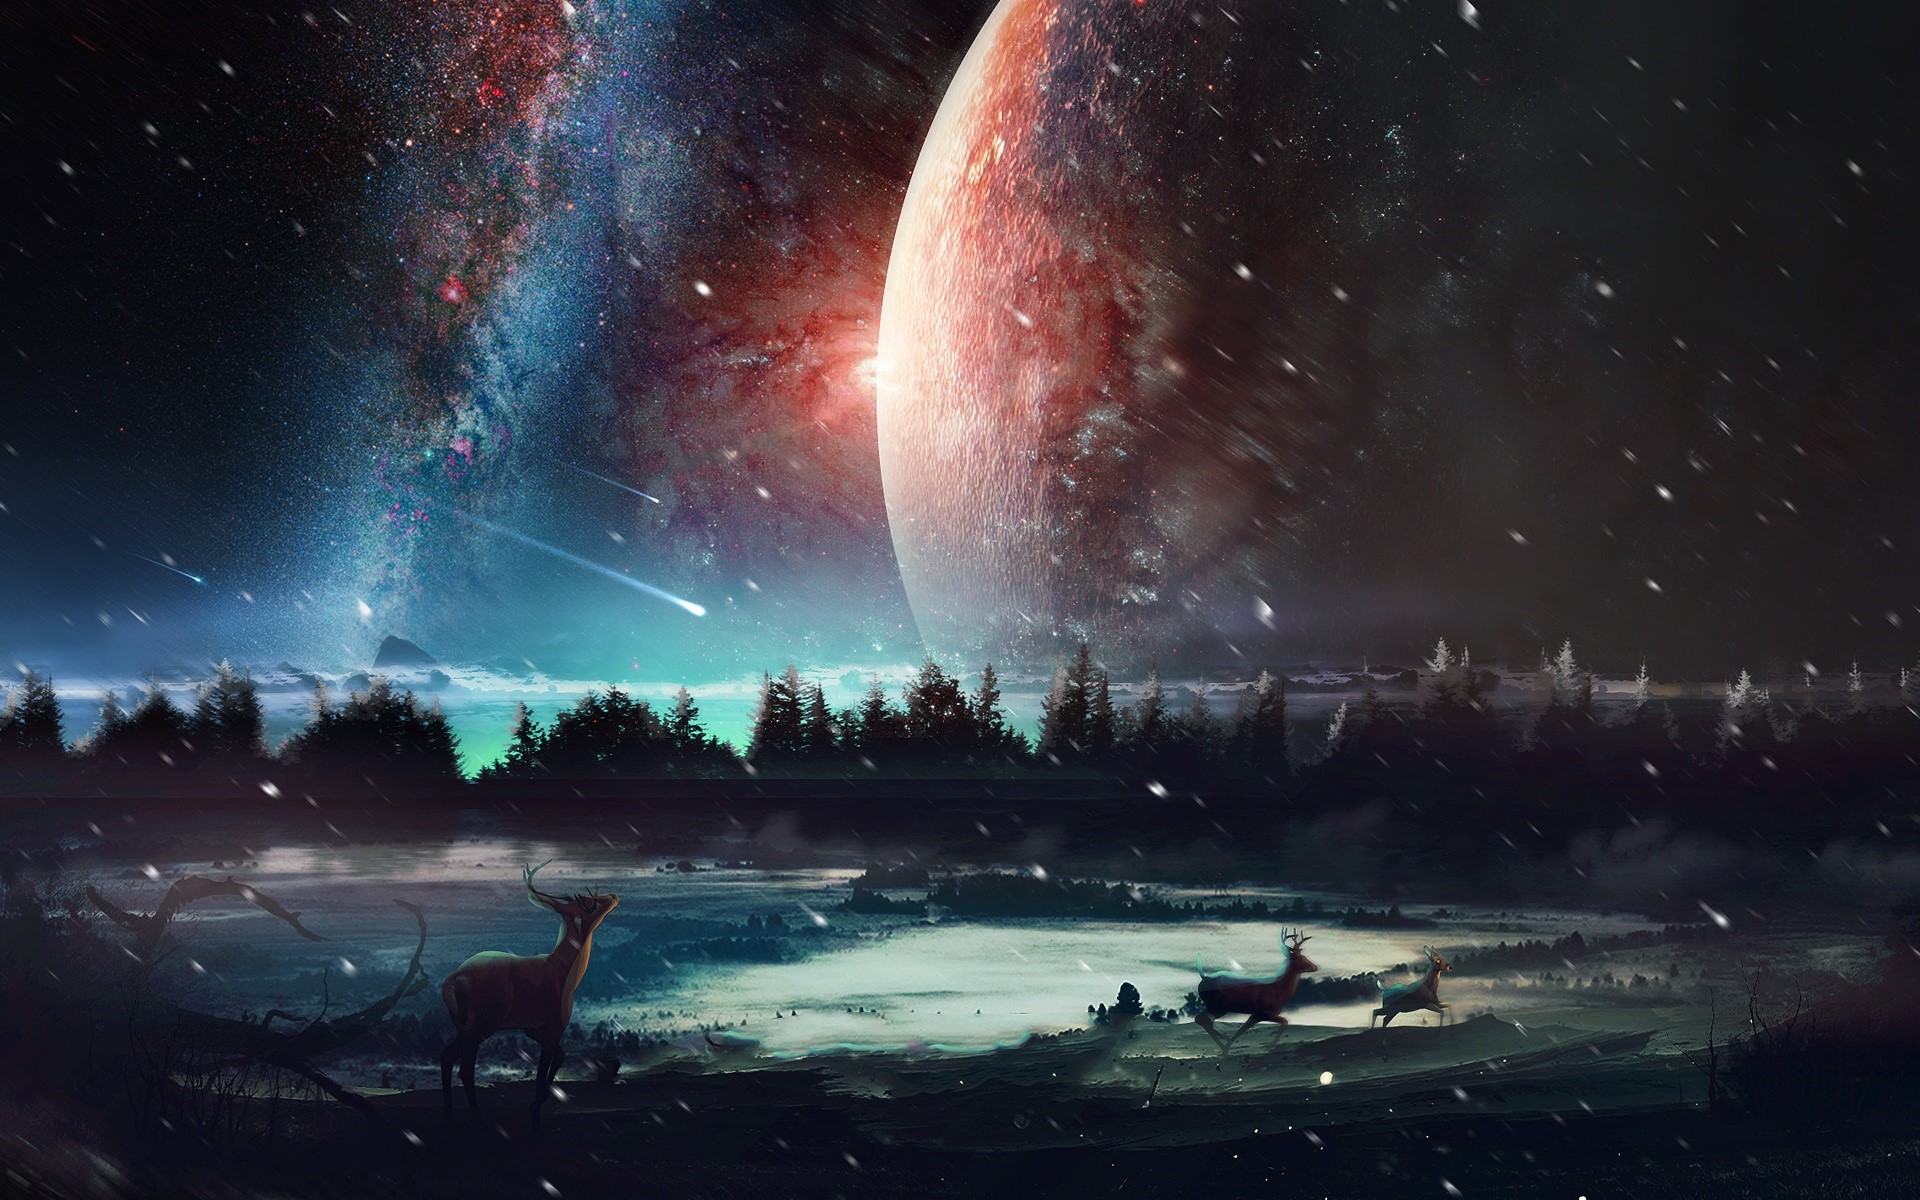 Fondos de pantalla Paisaje del universo